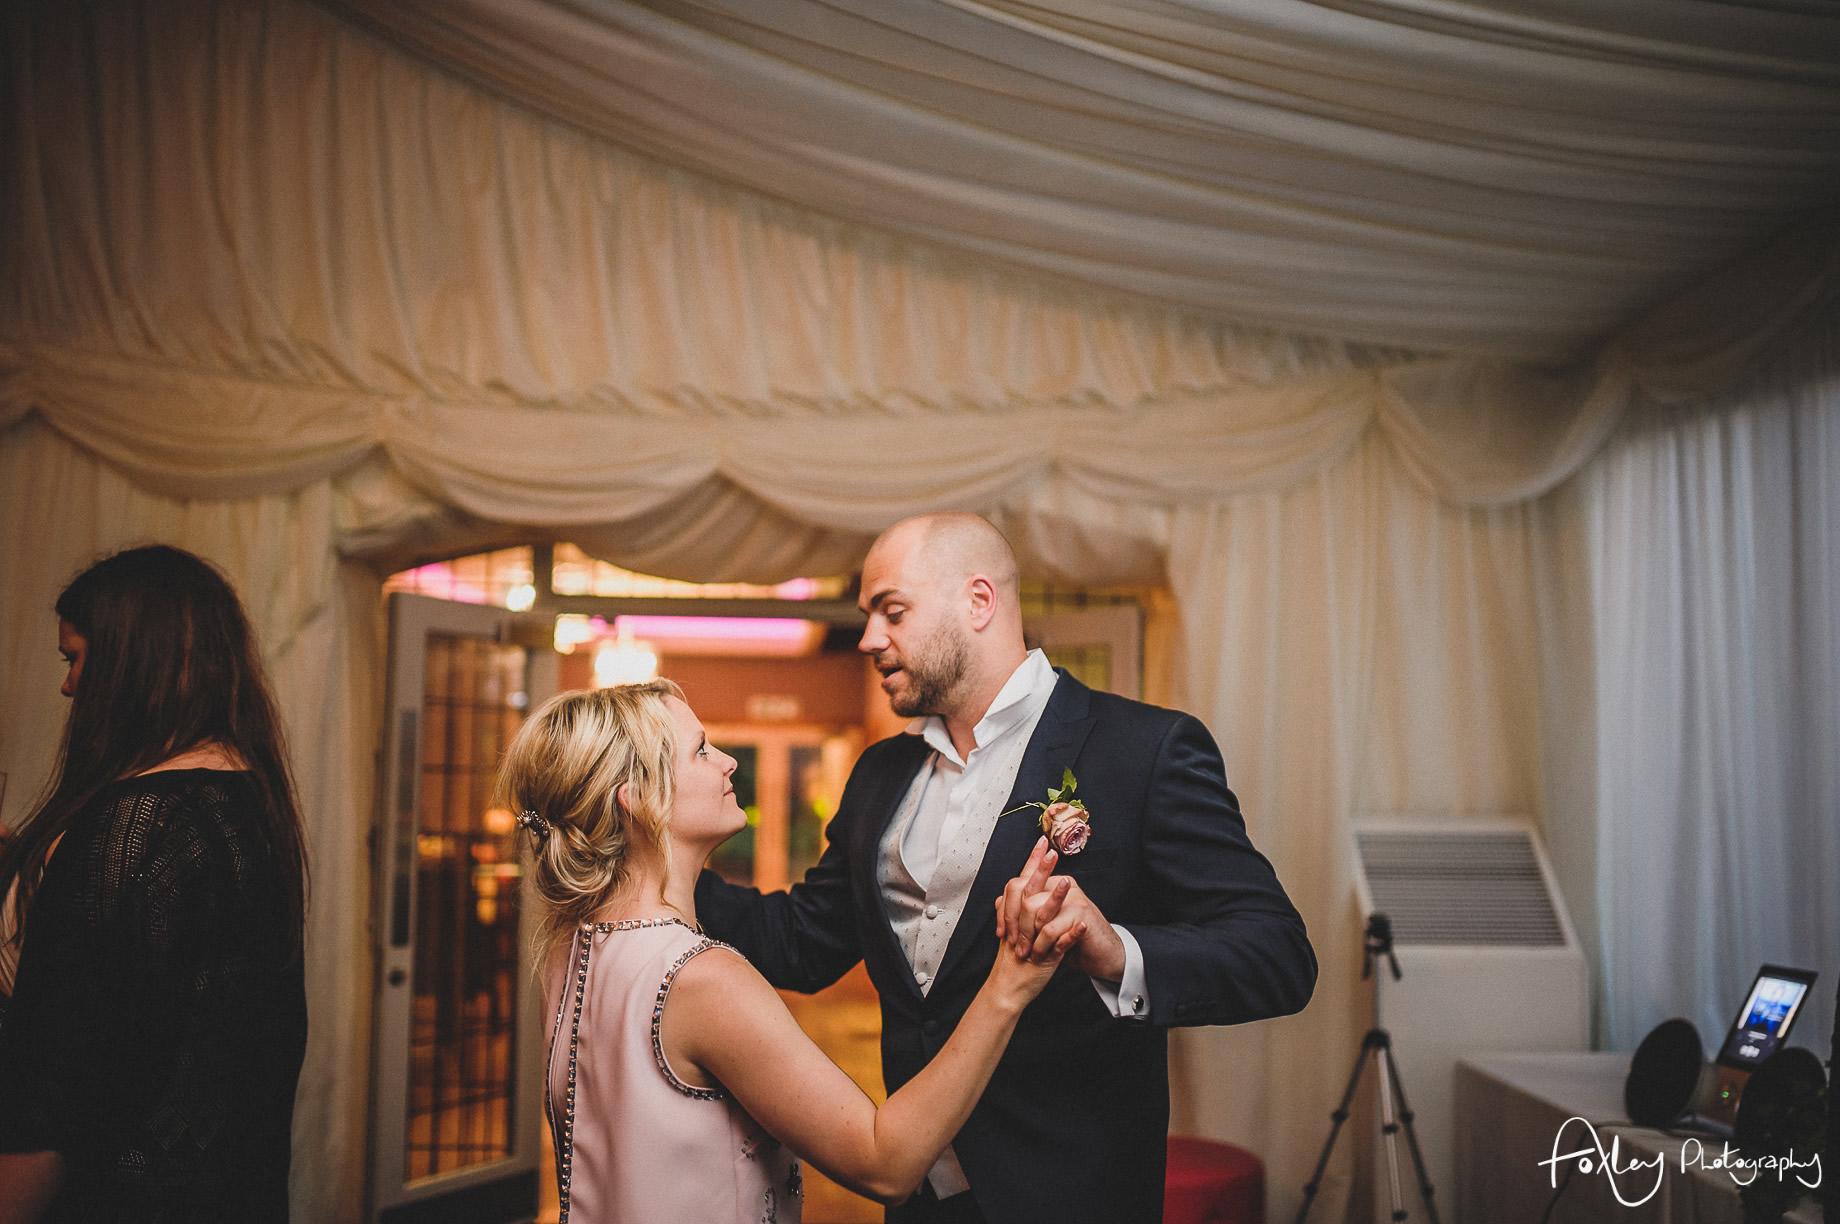 Simona-and-Robert-Wedding-at-Colshaw-Hall-159